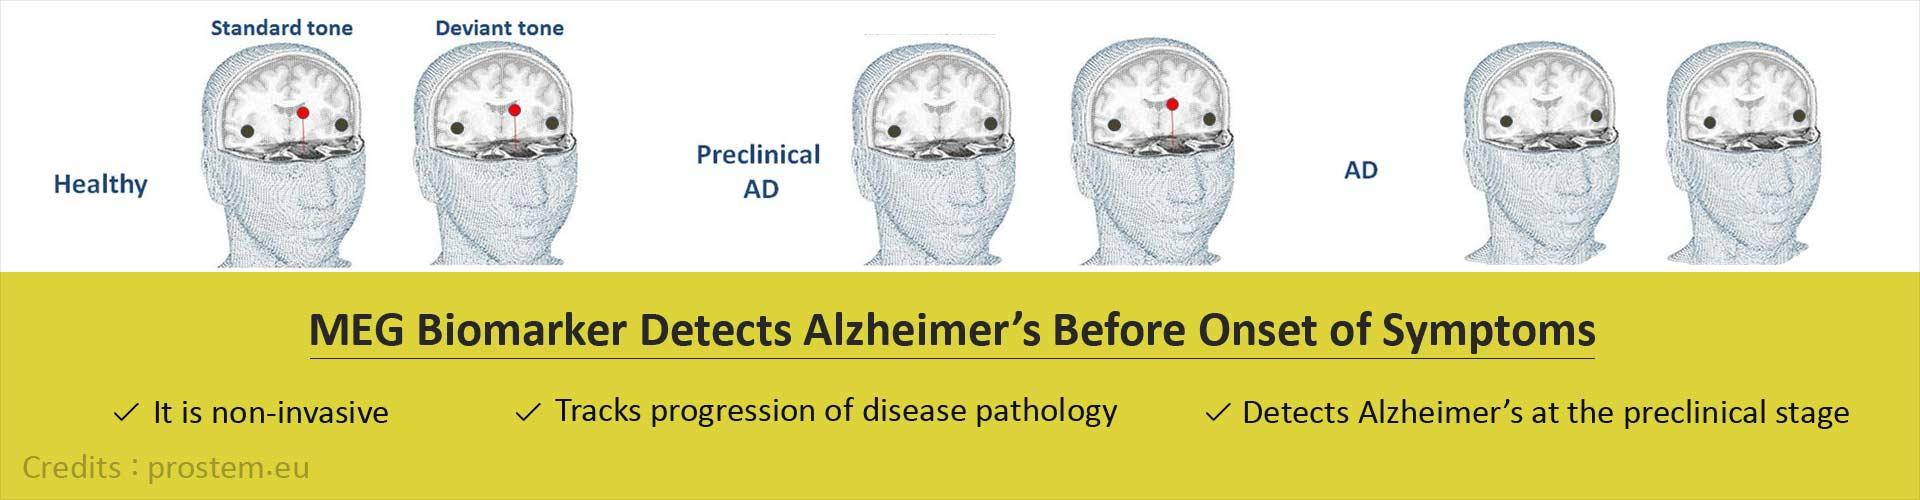 Novel Biomarker Detects Alzheimer's Before Onset of Symptoms